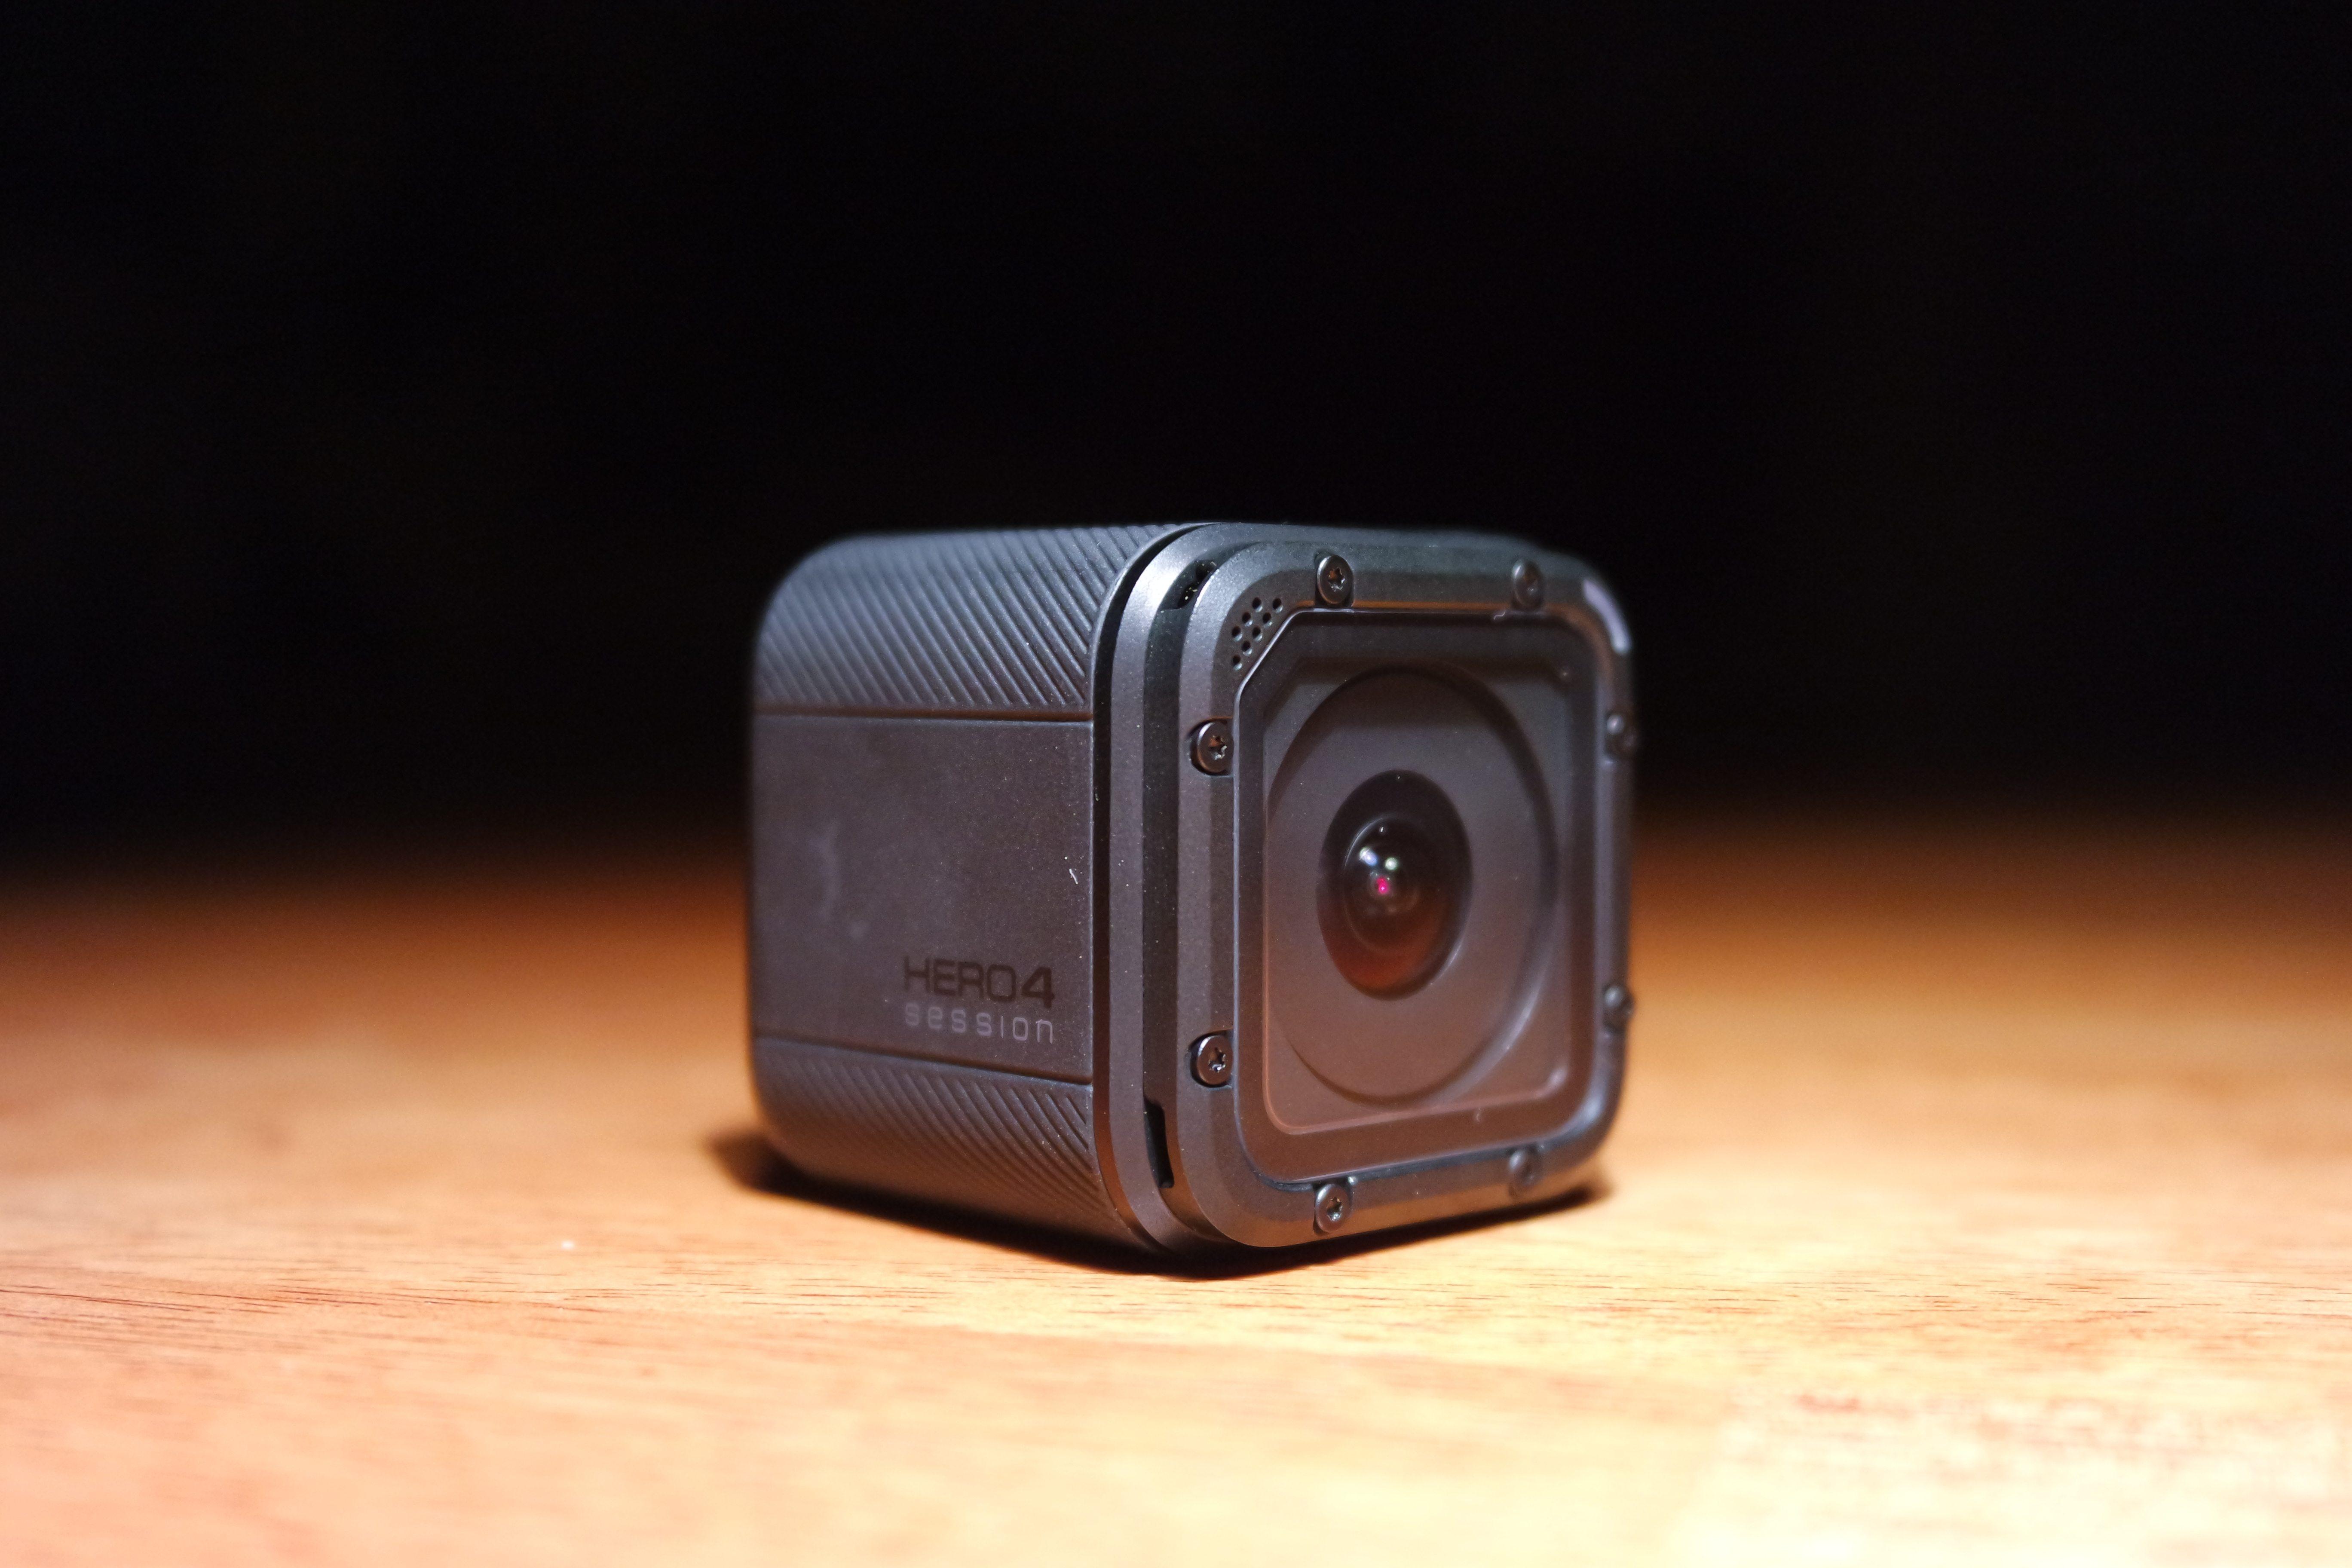 La Hero 4 Session es la cámara más pequeña de la línea GoPro, y su precio ha sido rebajado en dos ocasiones.